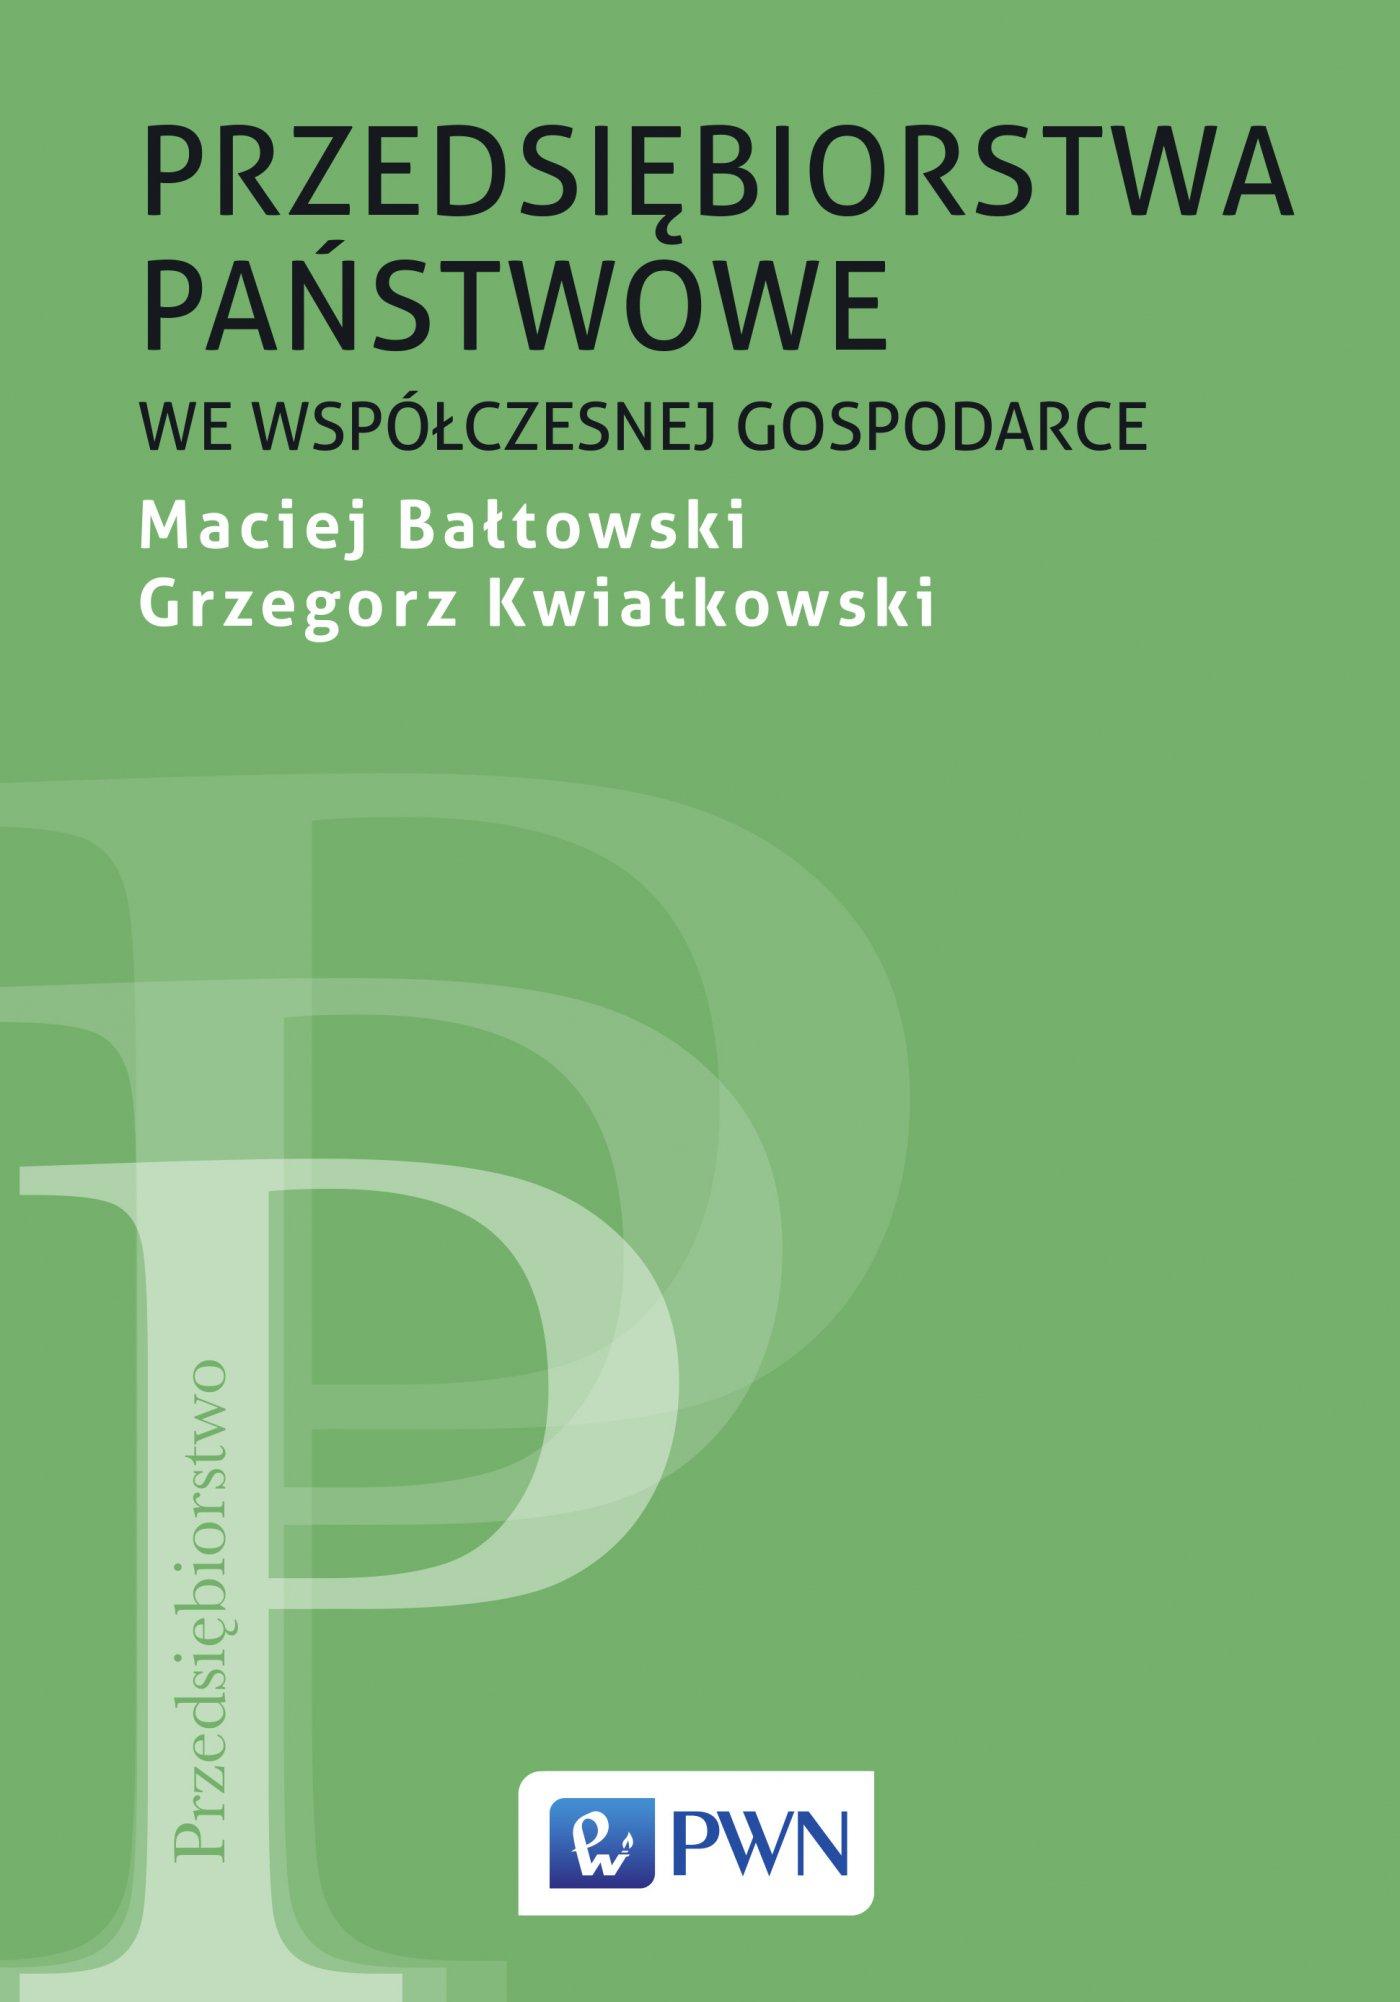 Przedsiębiorstwa państwowe we współczesnej gospodarce - Ebook (Książka EPUB) do pobrania w formacie EPUB